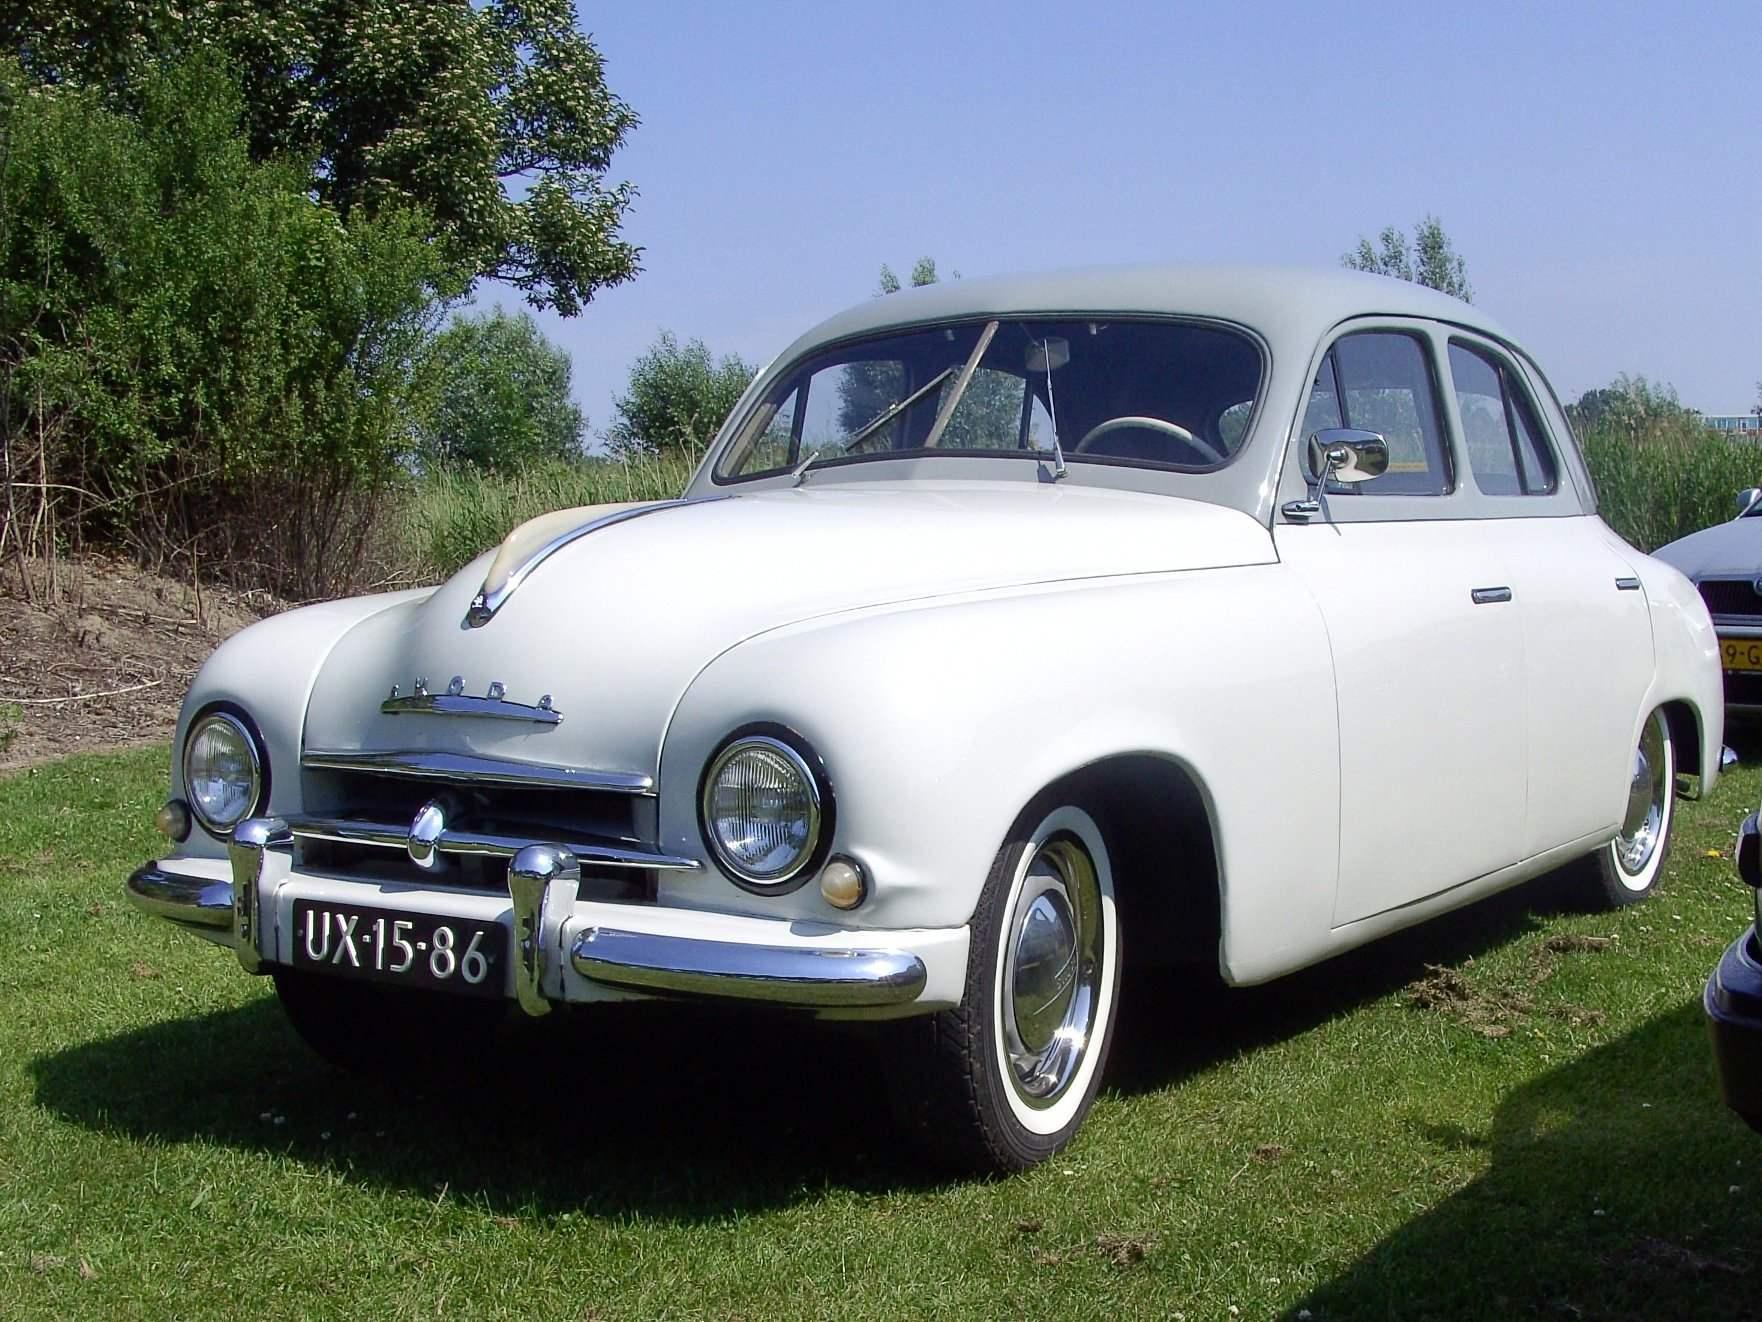 SKODA 1200 с несущим кузовом понтонного типа — одна из пер вых машин социалистической Чехословакии (1952 г.)